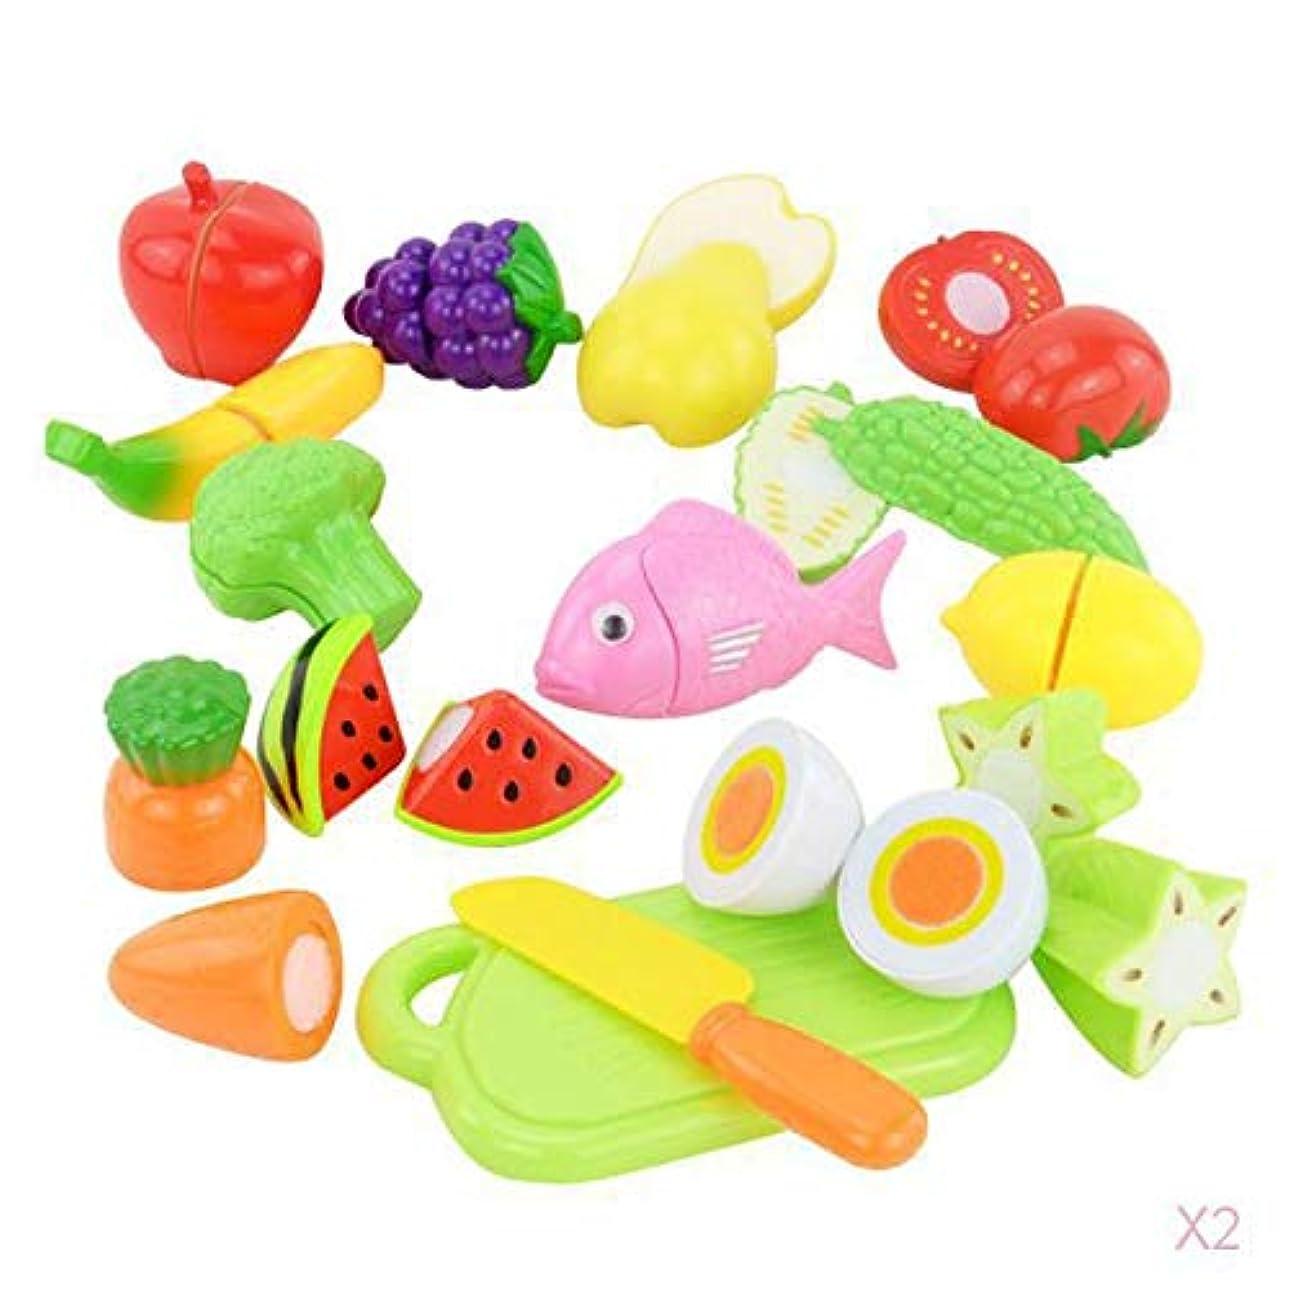 脱臼する降下作物DYNWAVE 16ピース/個 /セット子供たちが果物野菜のおもちゃ#aのスライス